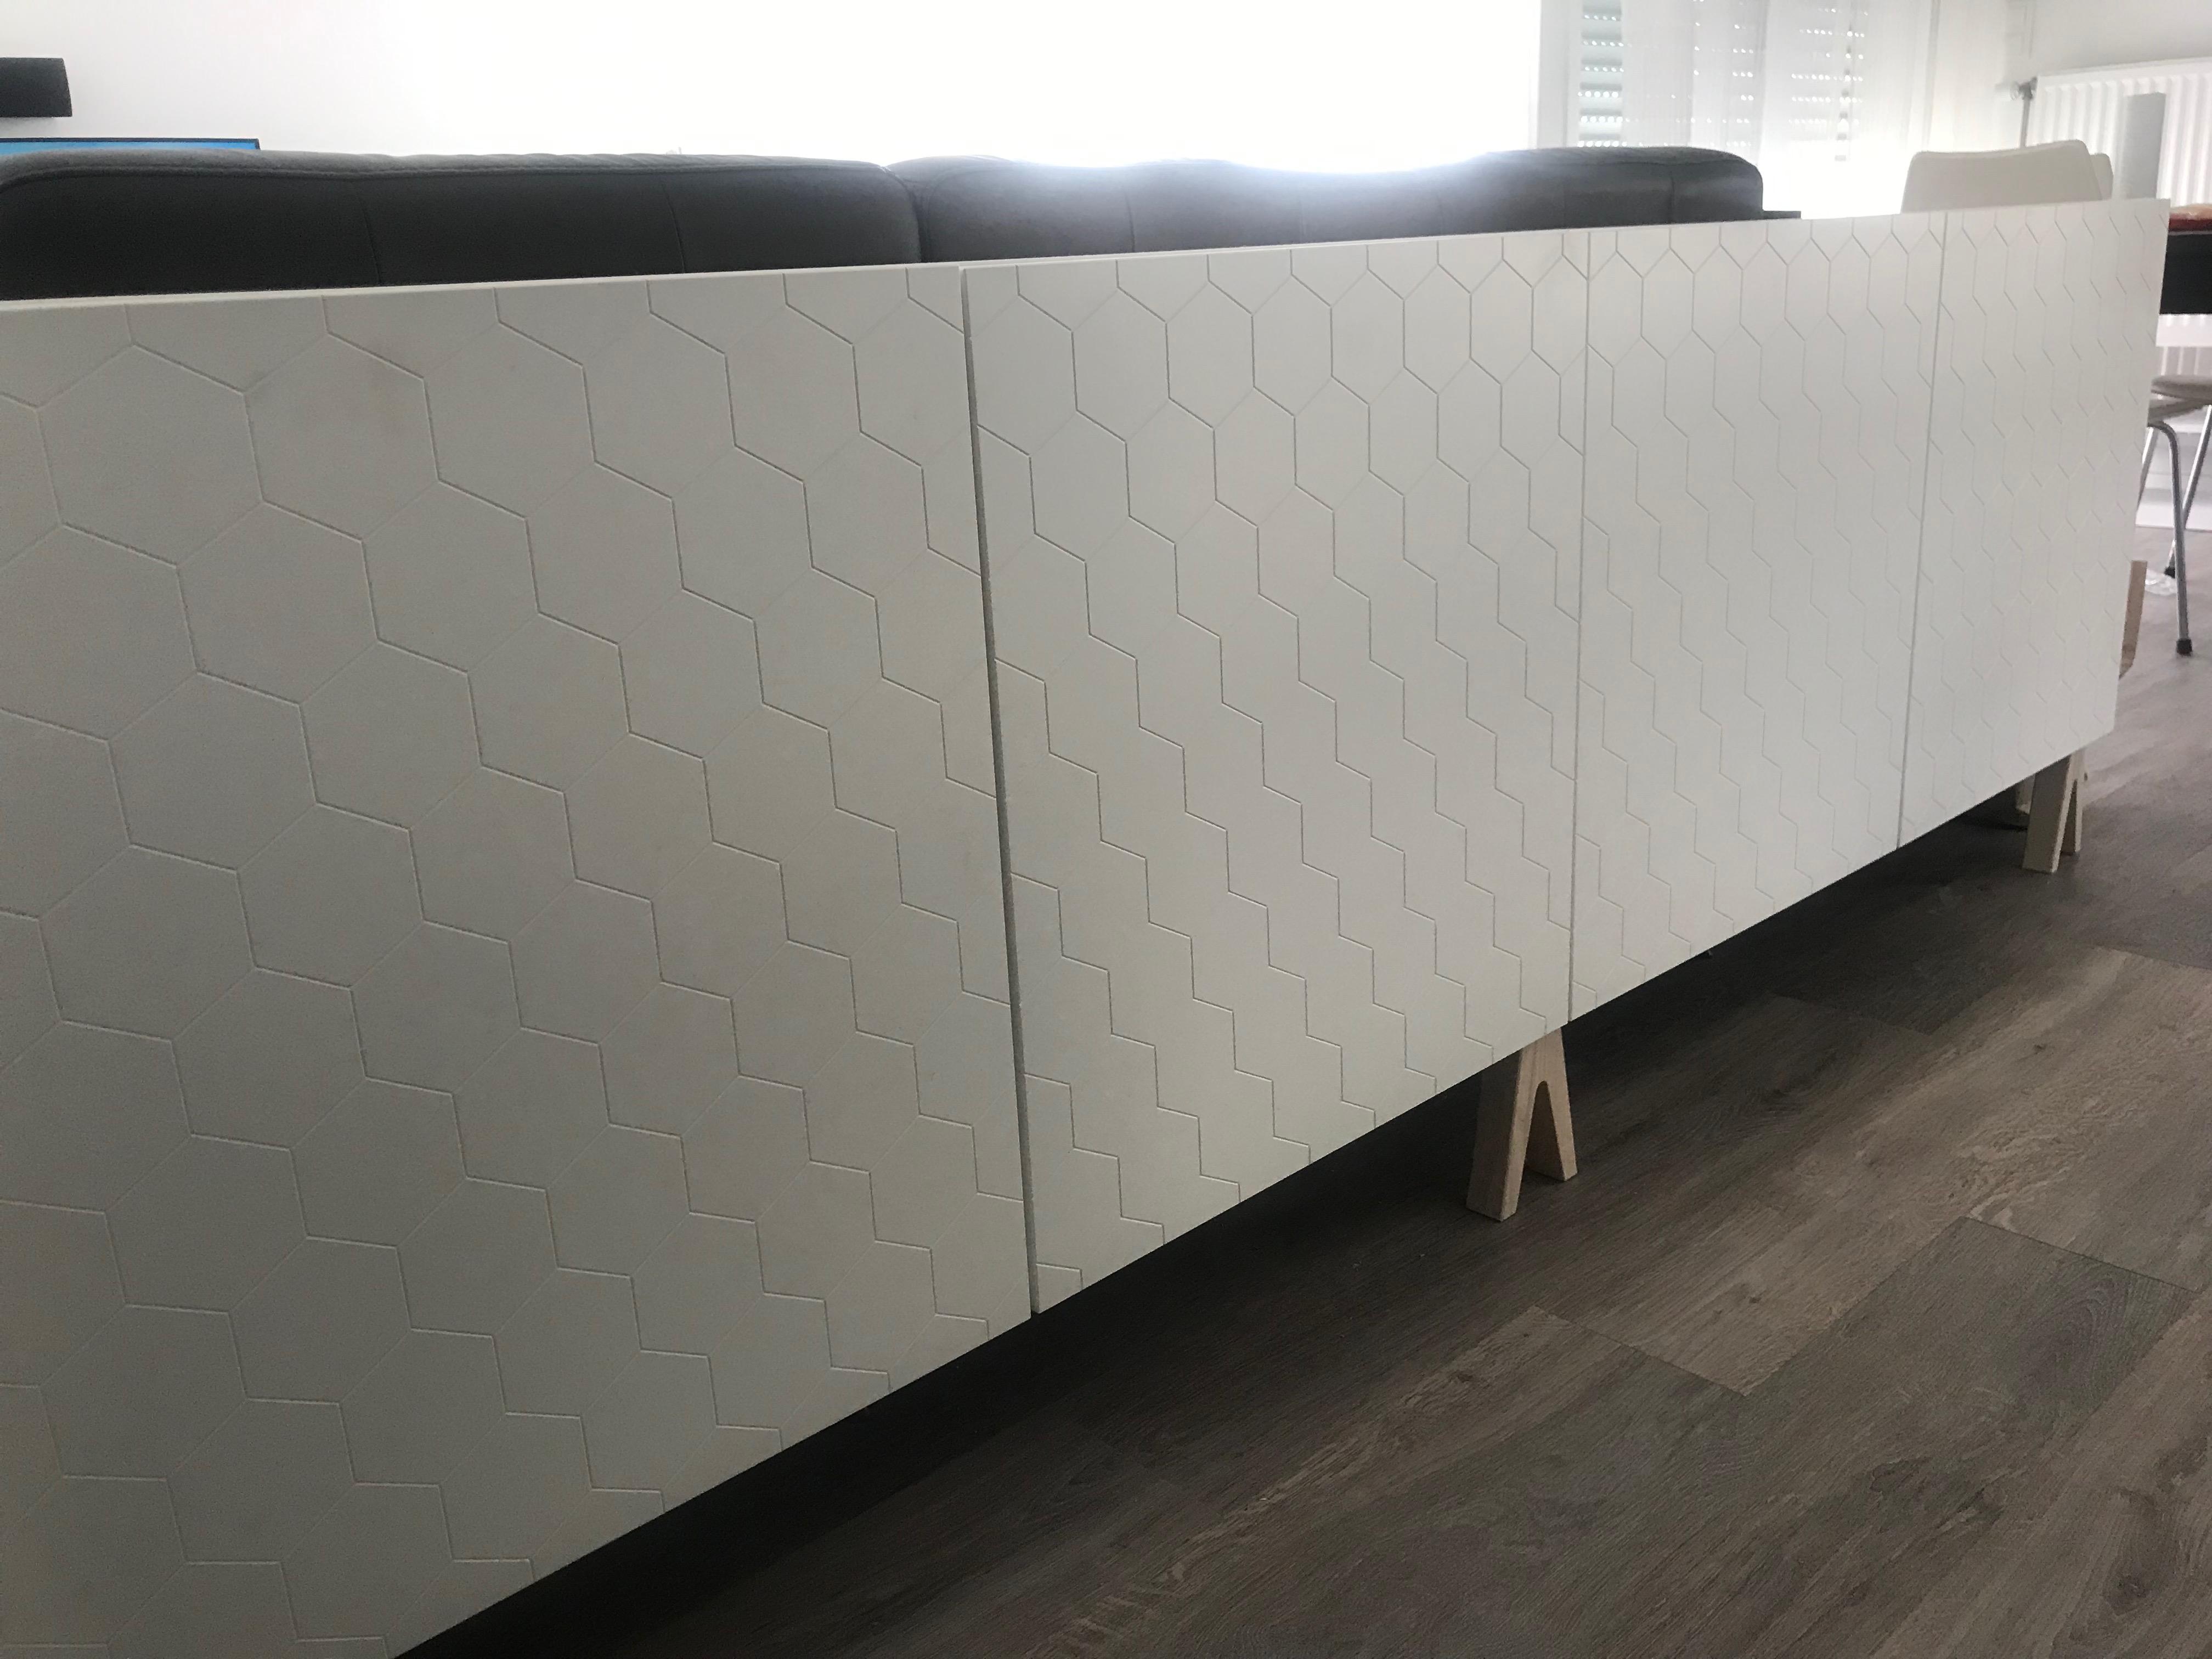 Meuble Ikea Besta Blanc intégrer des tiroirs intérieurs dans un meuble ikea besta